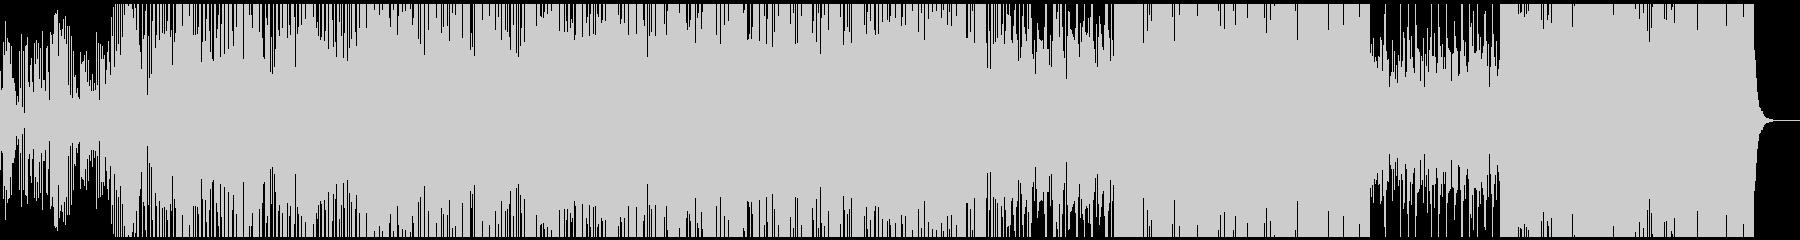 ゆったりした雰囲気のエレクトロポップの未再生の波形